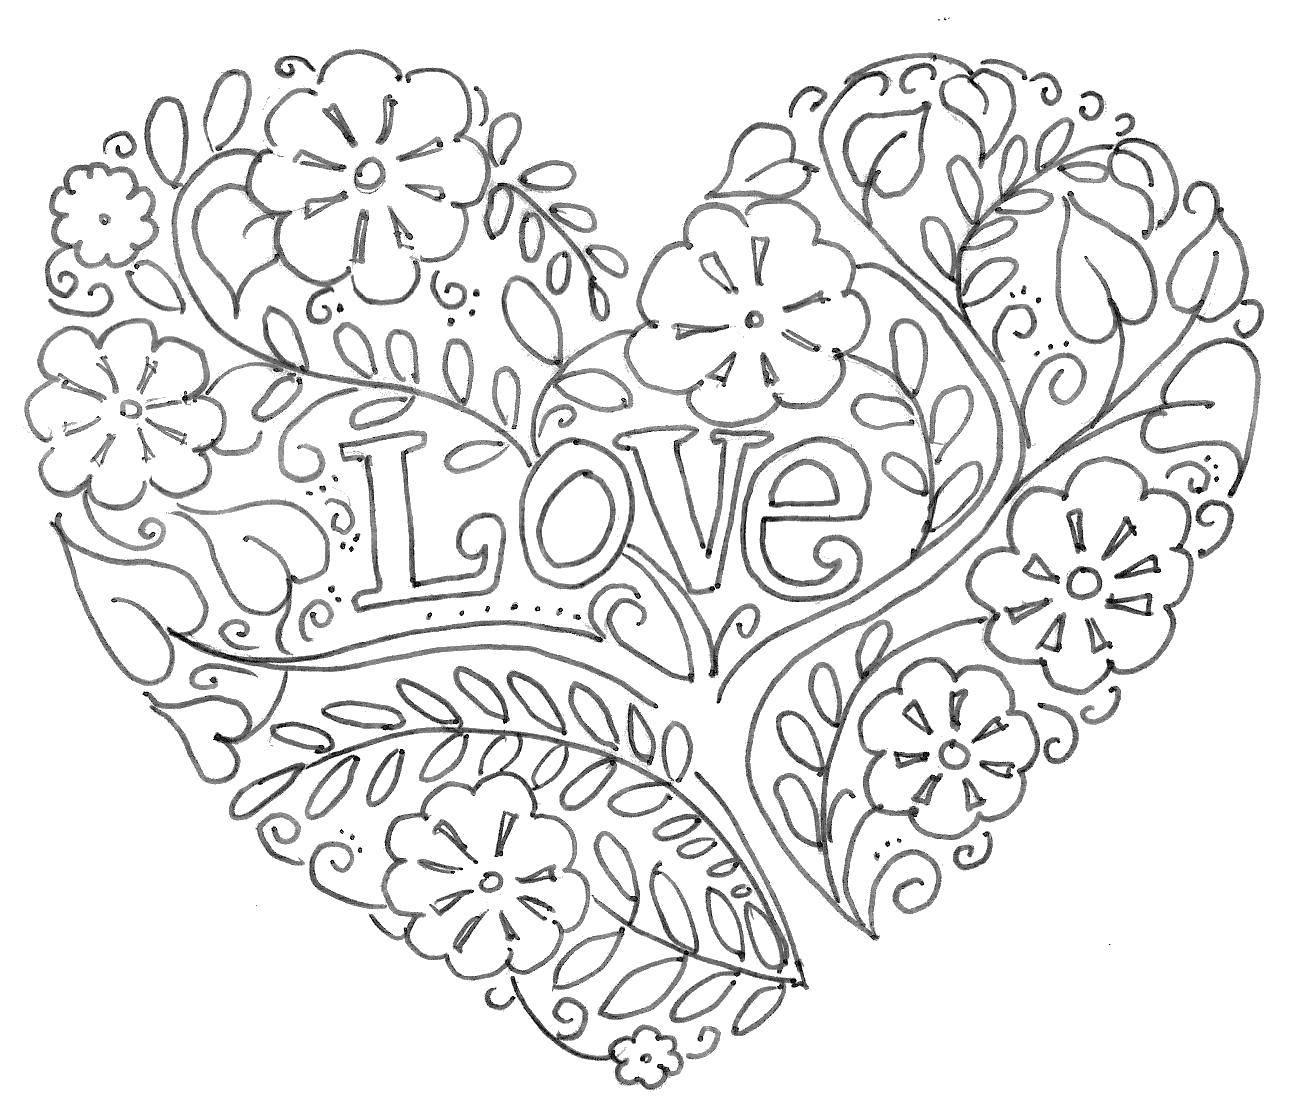 Раскраска Узорная любовь Скачать Сердечко, любовь.  Распечатать ,Я тебя люблю,